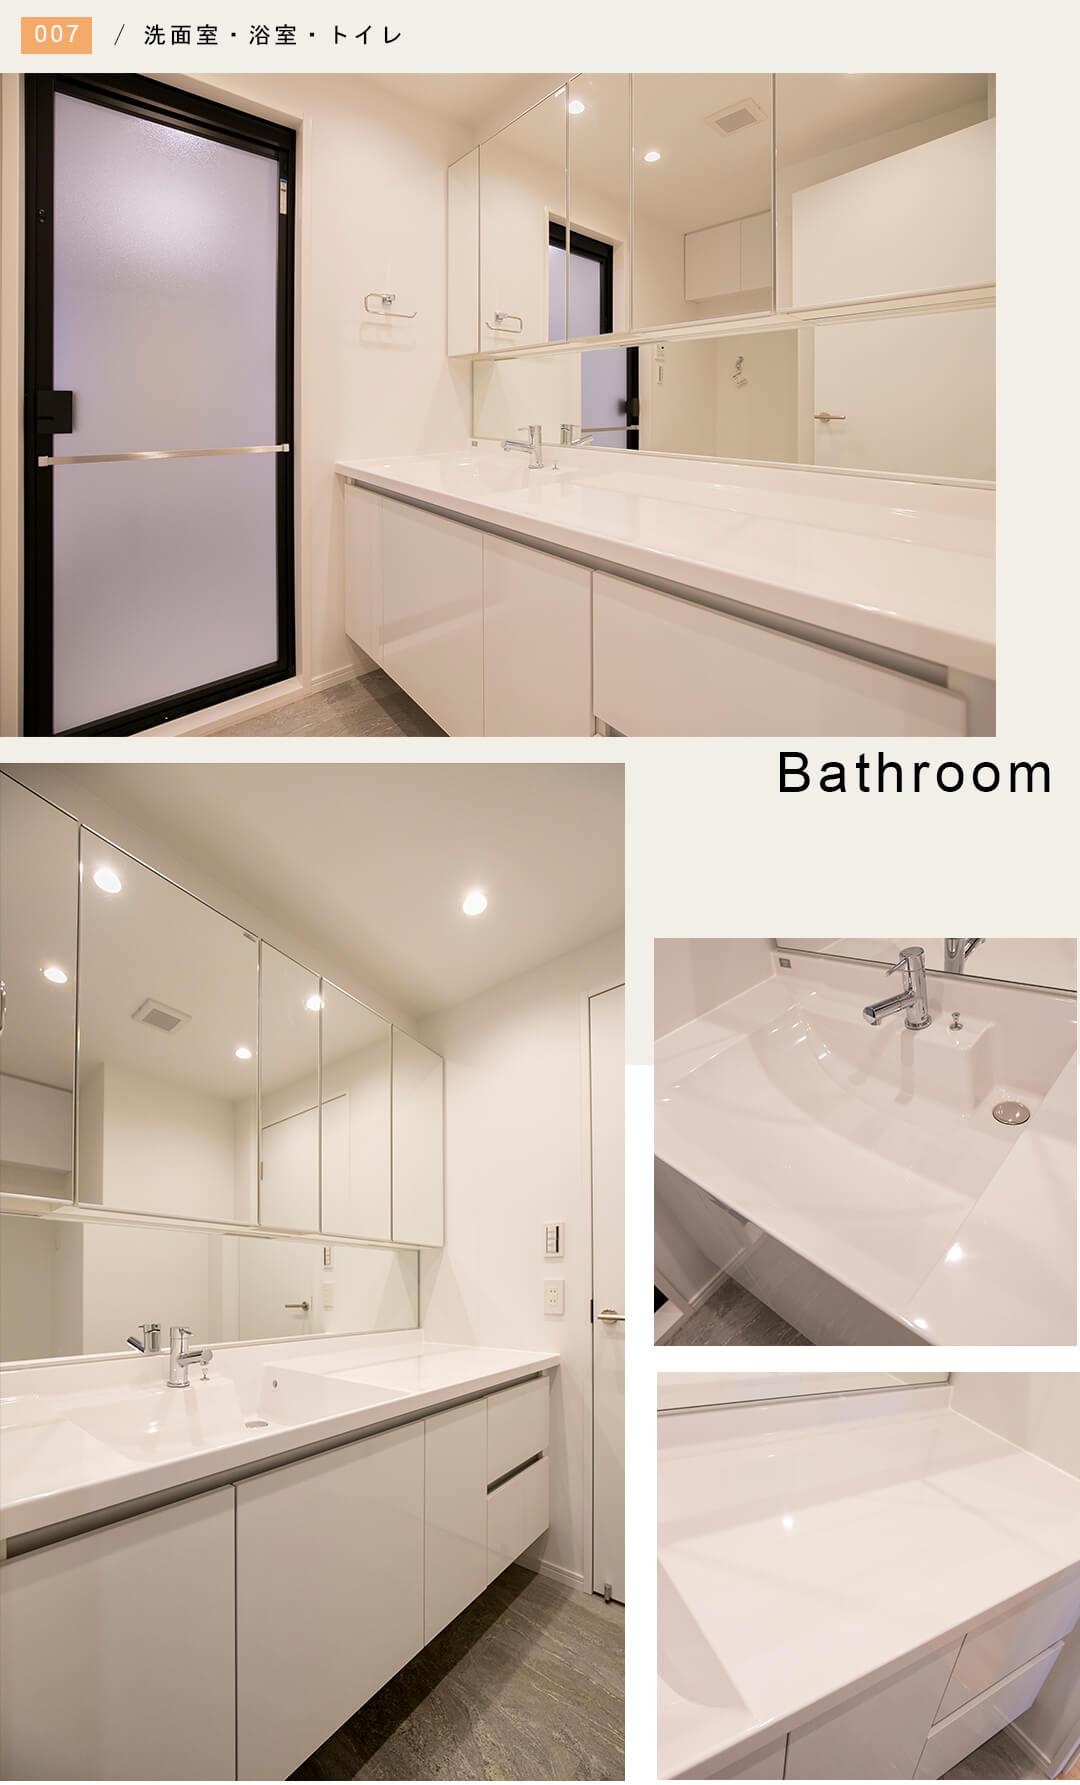 リビオレゾン目白通りの洗面室